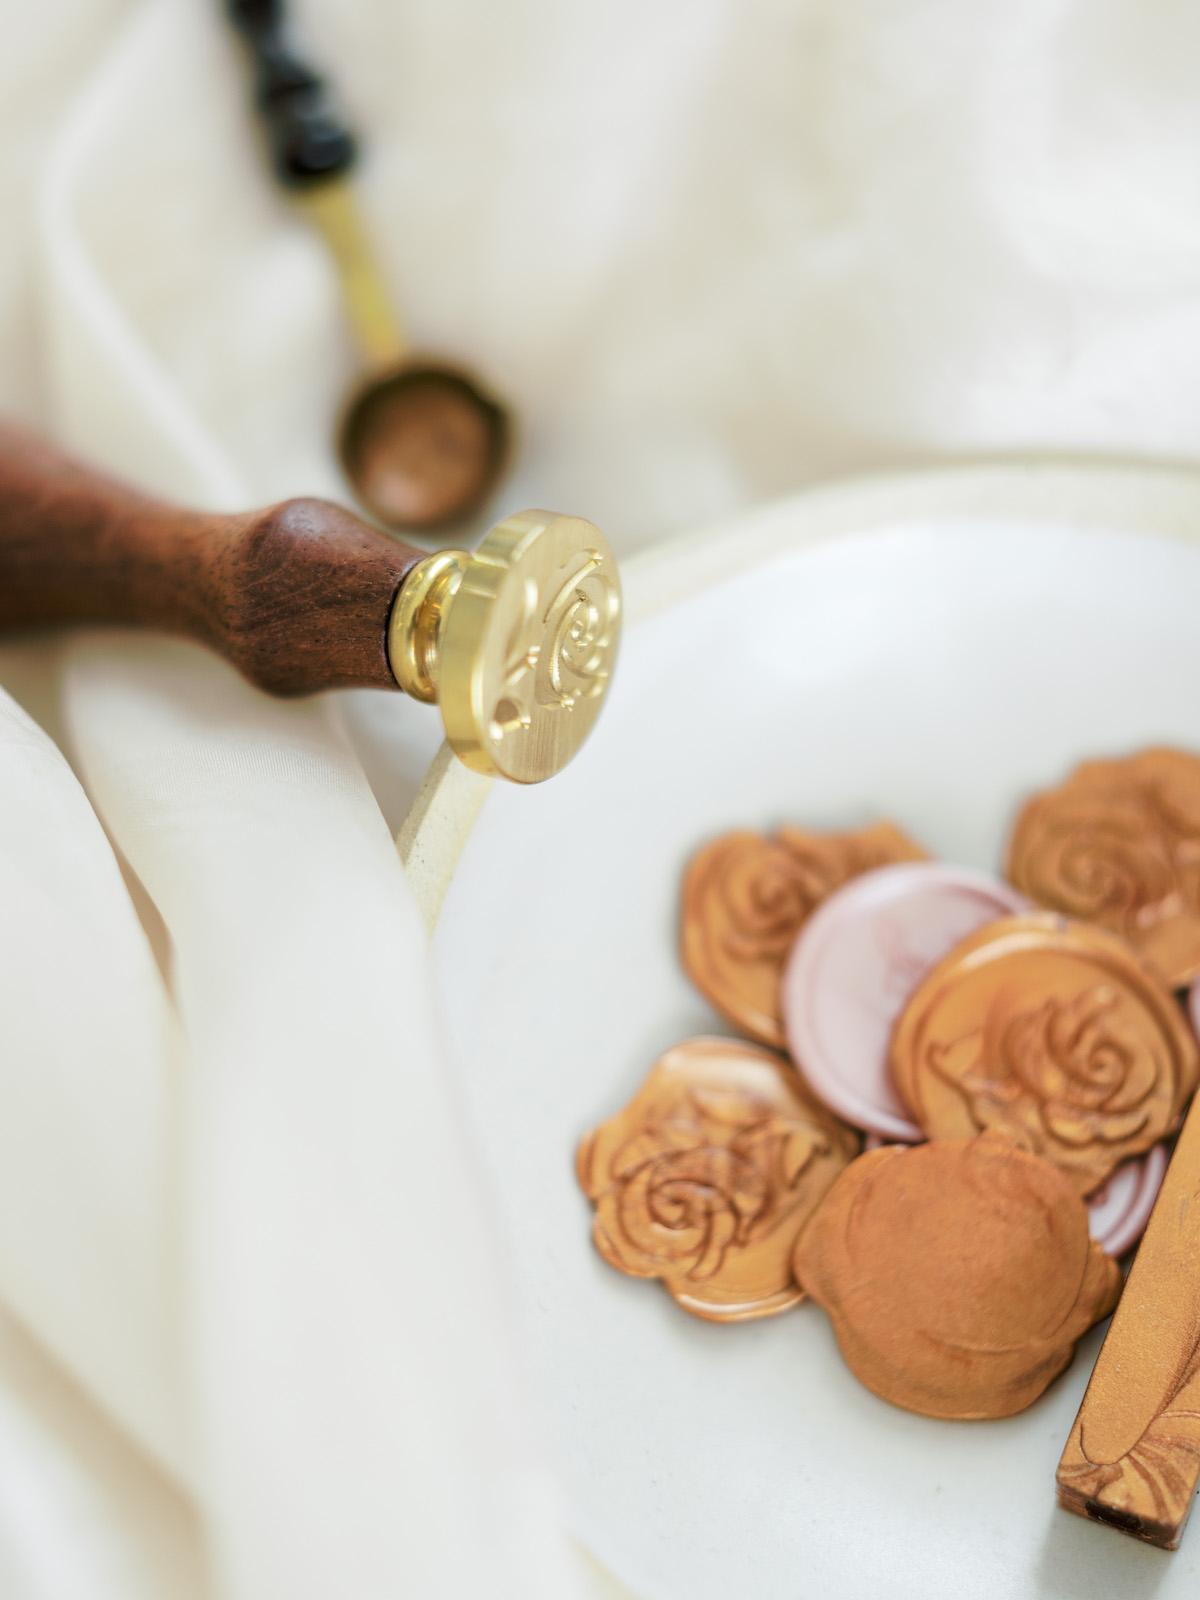 olea-and-fig-blooming-wed-brand-shoot-58.jpg